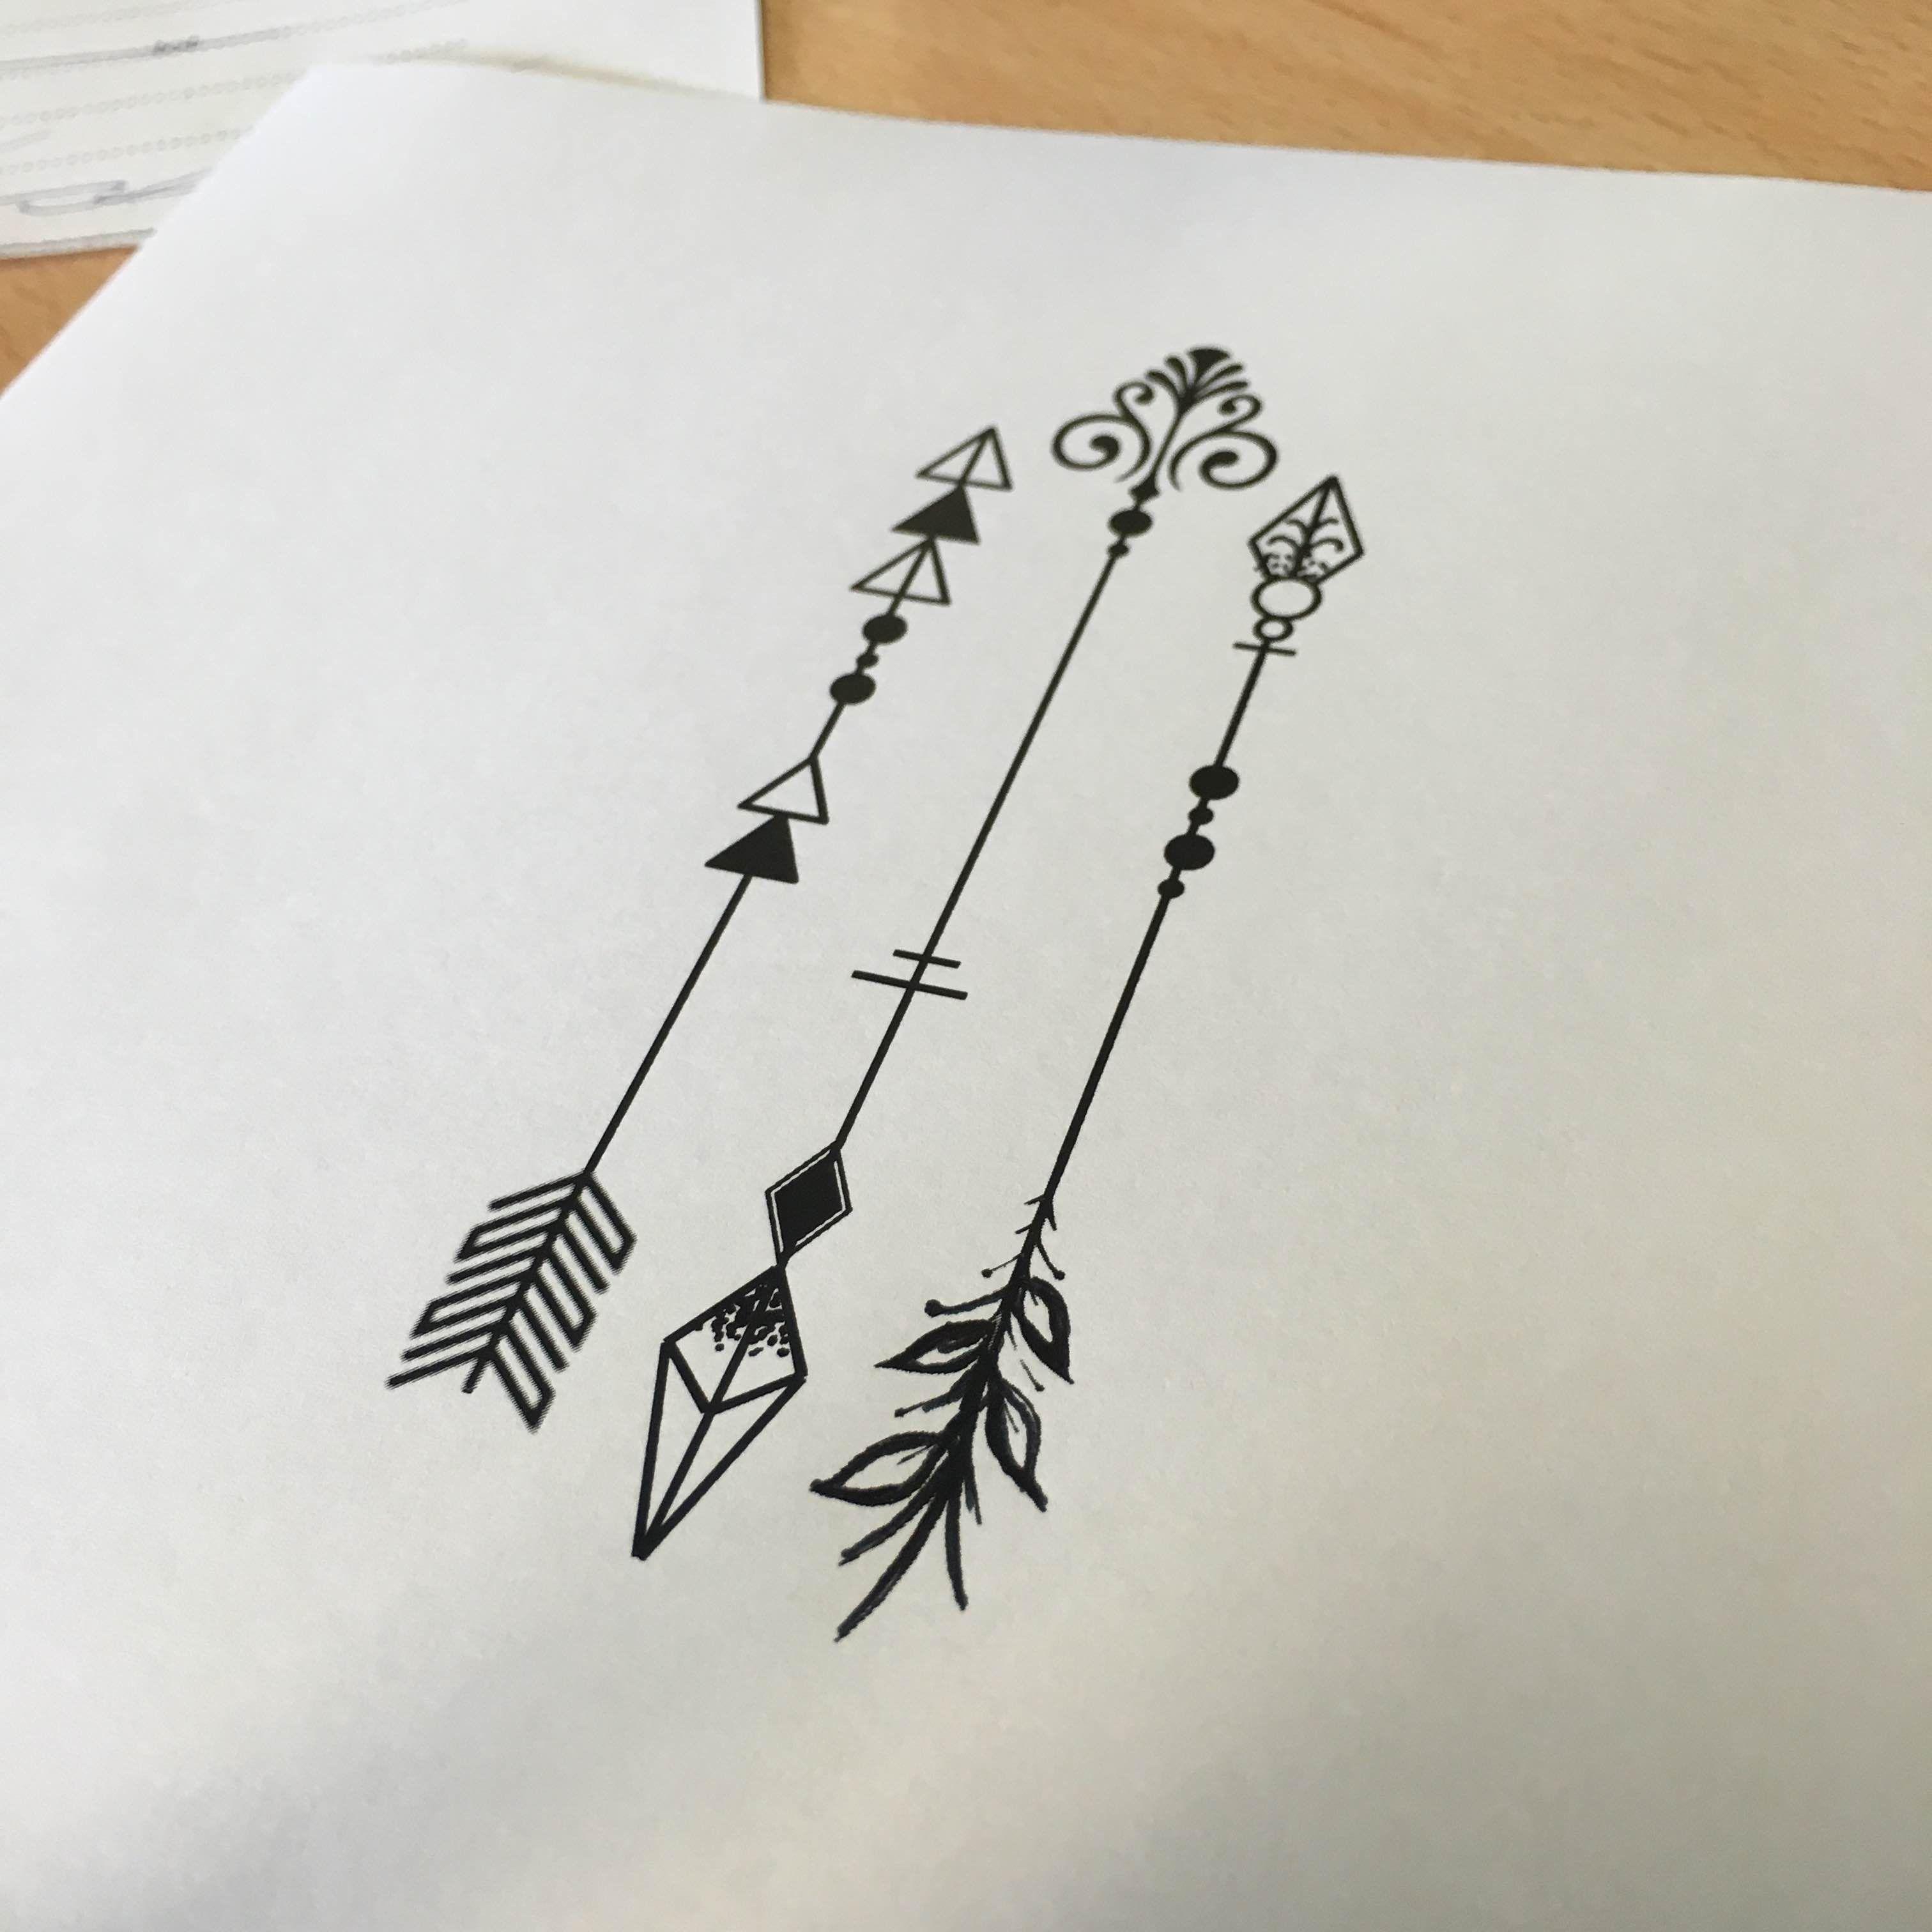 Three arrows tattoo - own design   Tattoos   Pinterest   Arrow ...